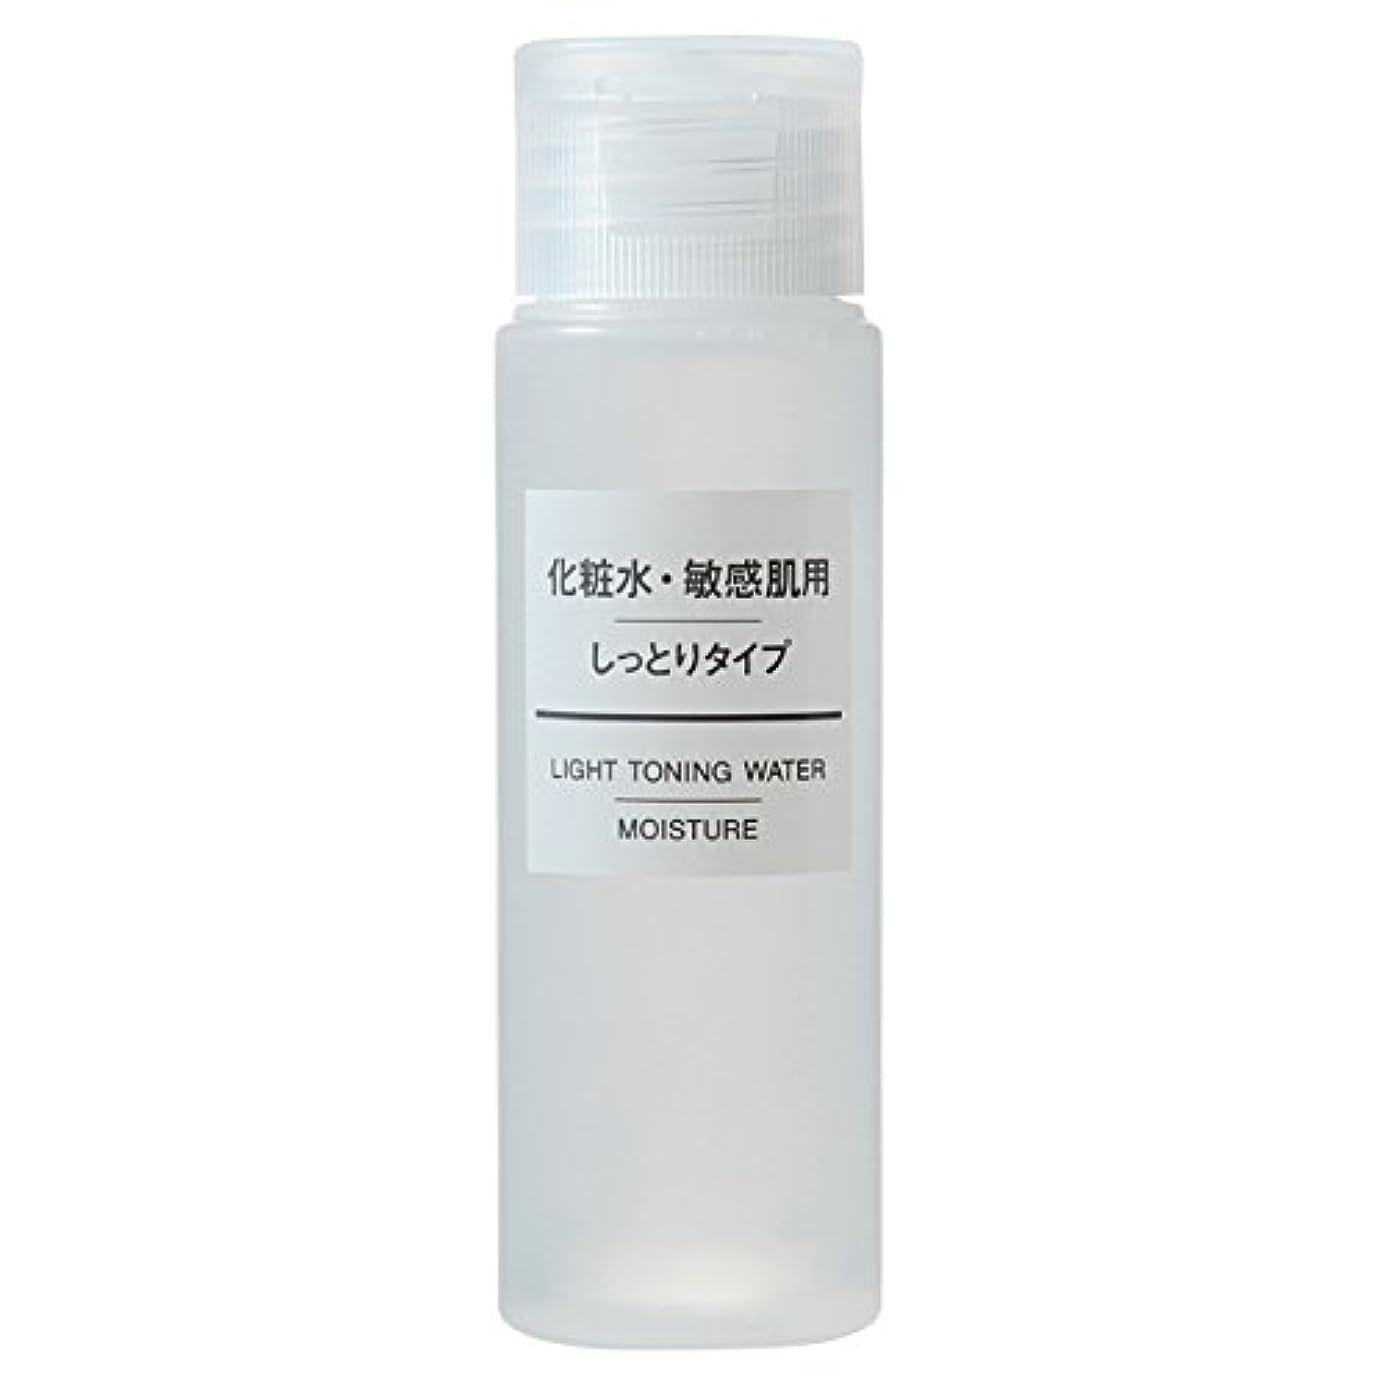 塗抹無効ポジティブ無印良品 化粧水?敏感肌用?しっとりタイプ(携帯用) 50ml